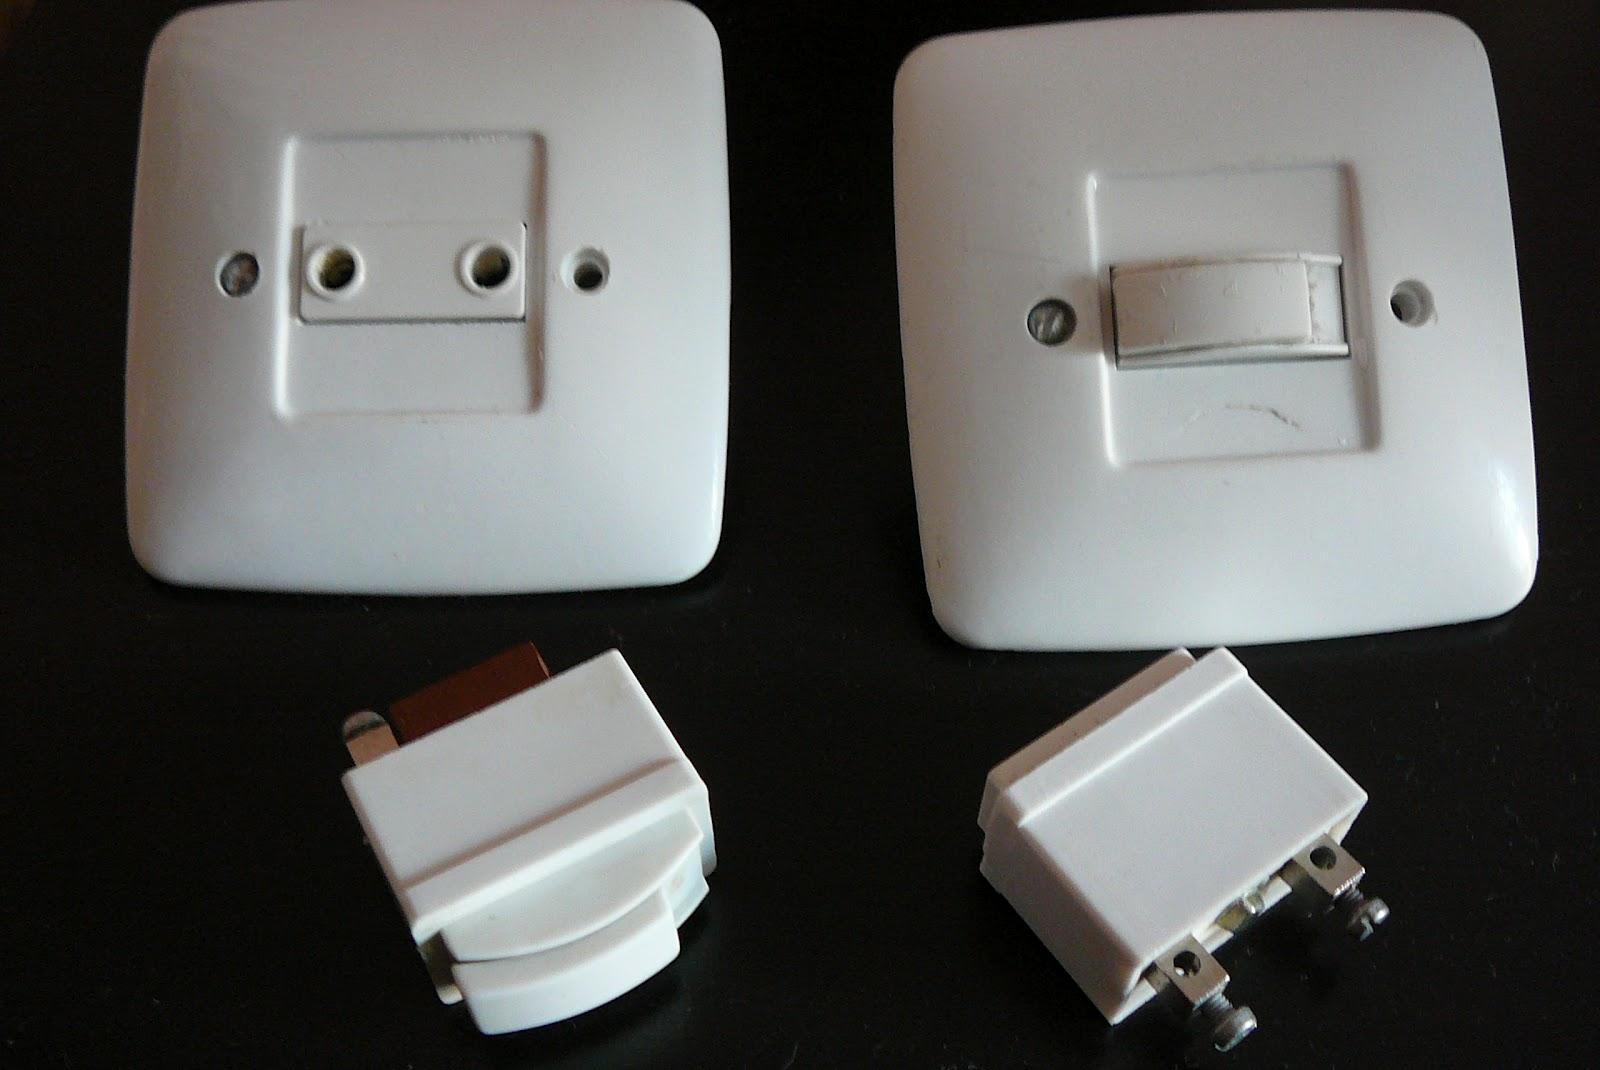 Antig edades urbanas mecanismos el ctricos i - Tipos de interruptores de luz ...